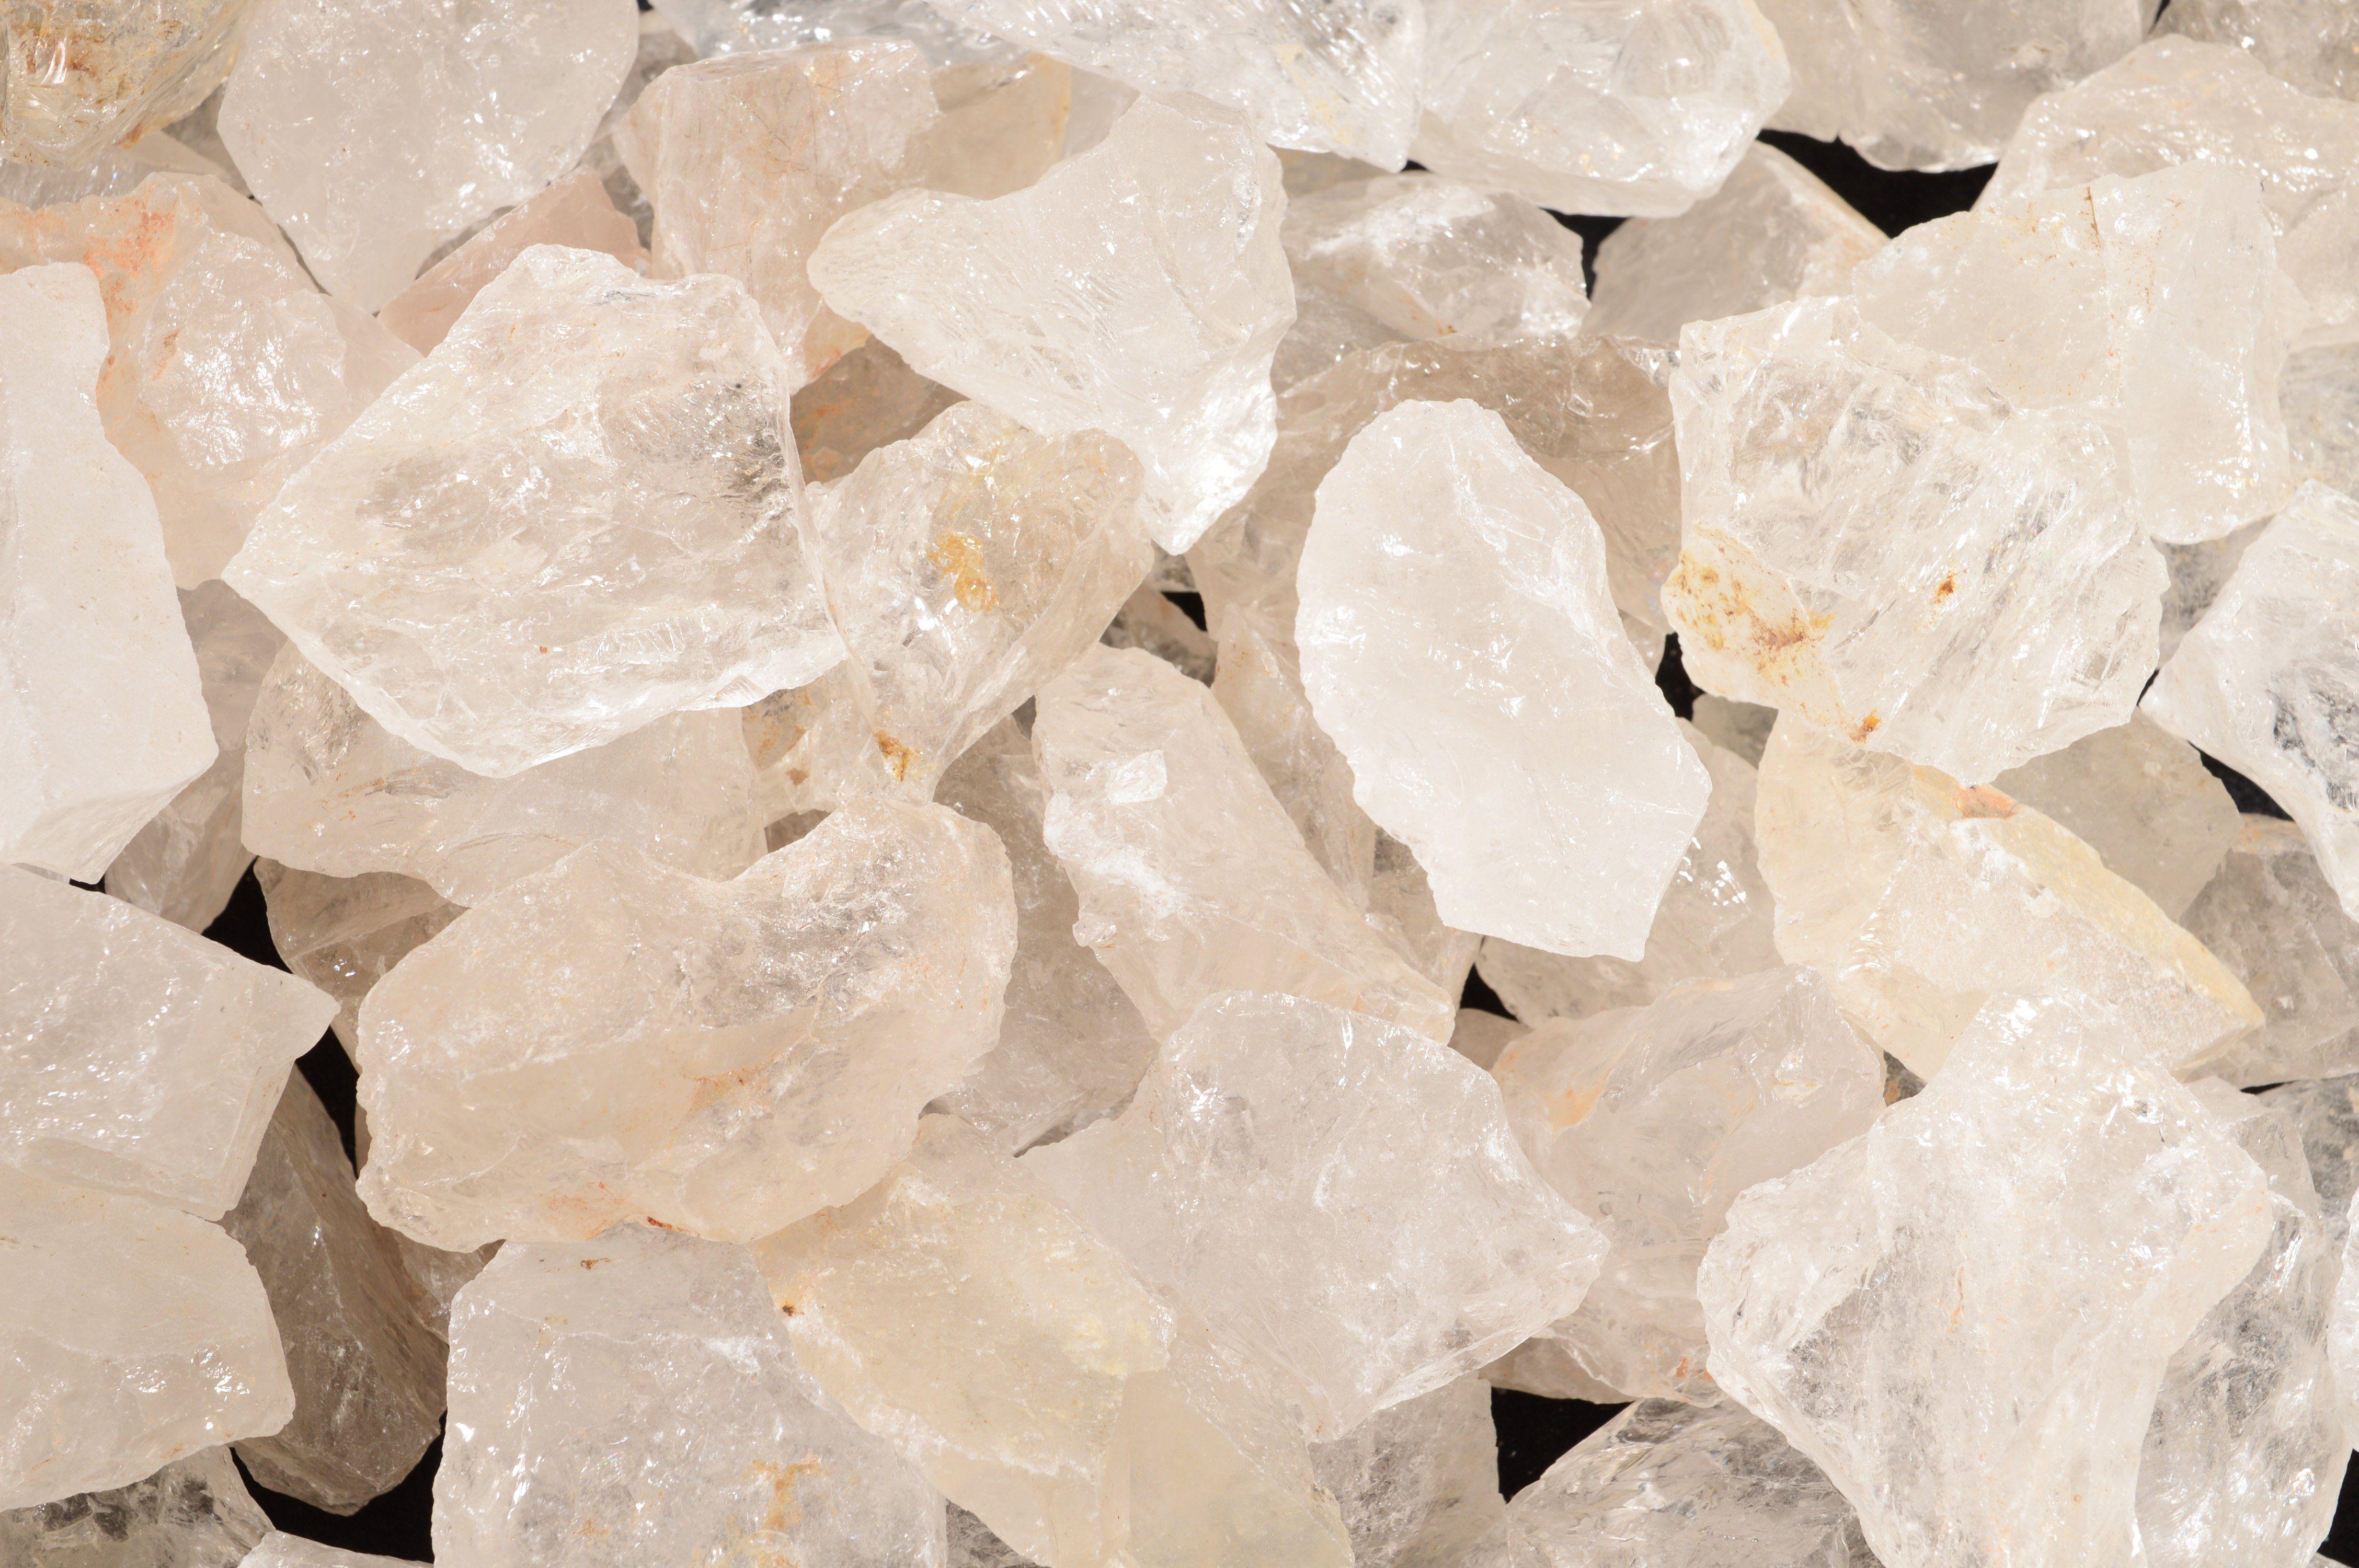 10+ Clear Quartz Crystal 1 1/2